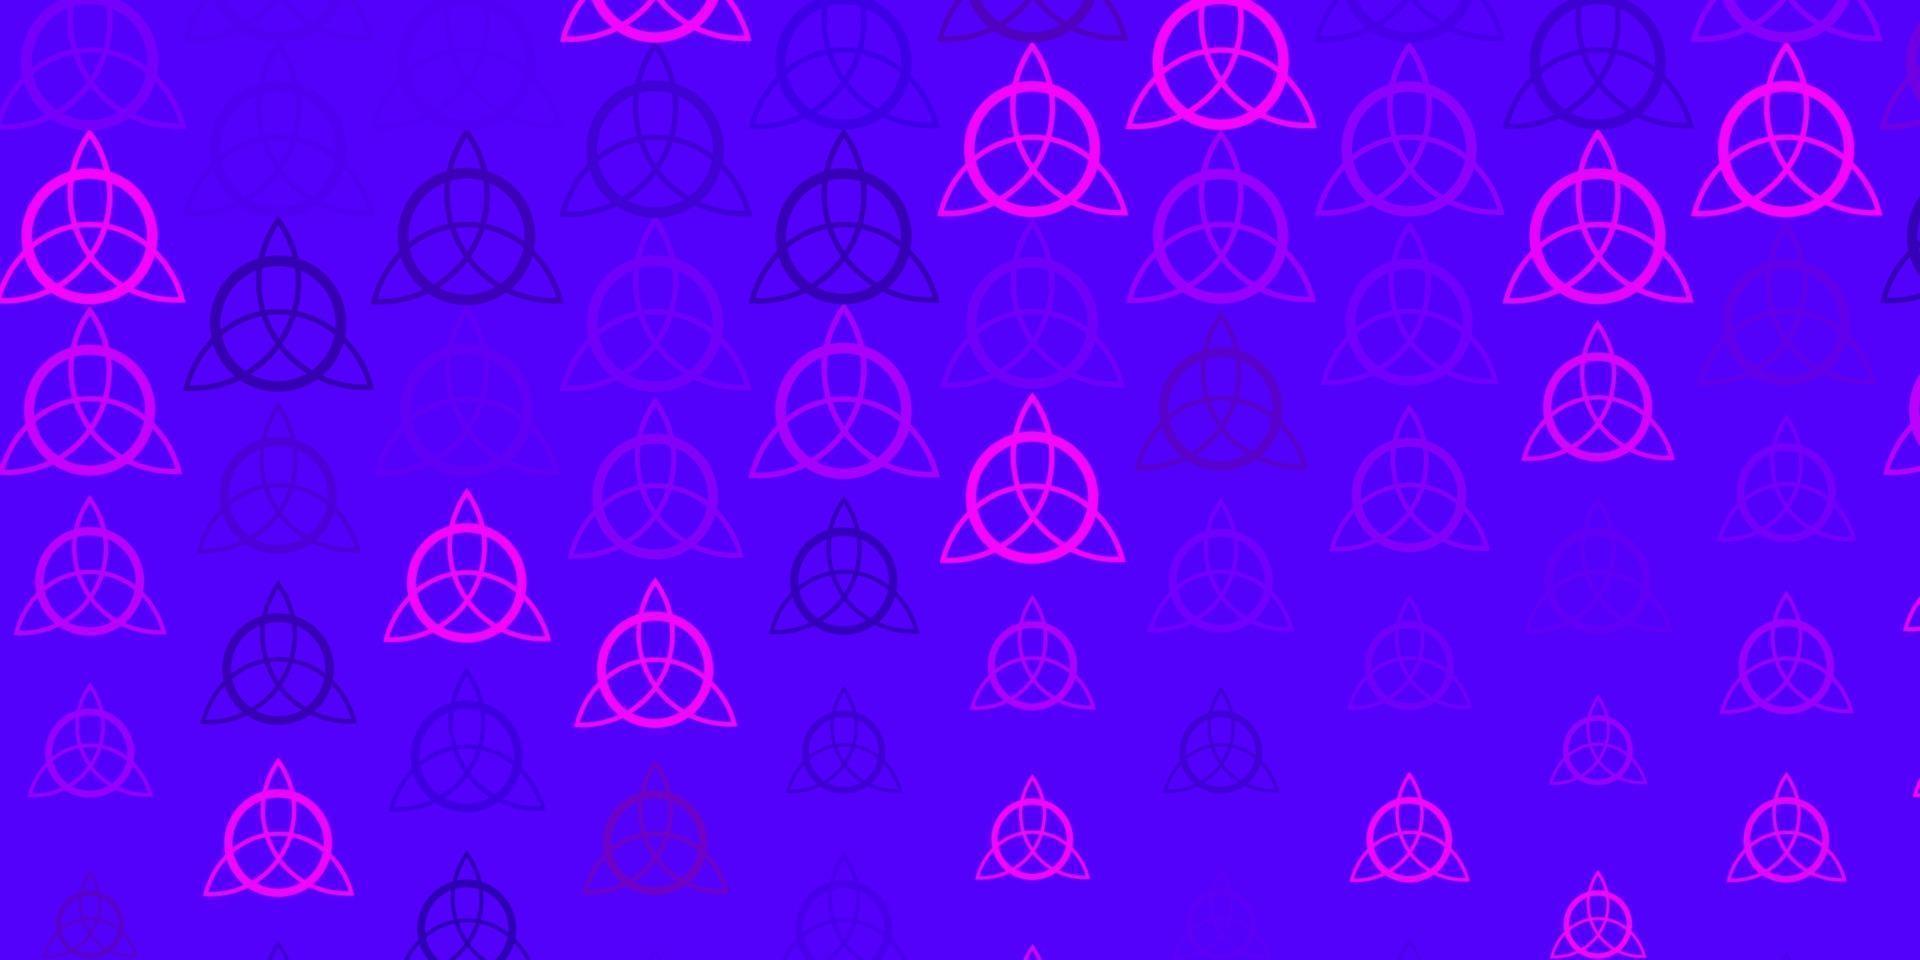 ljuslila vektor mönster med magiska element.